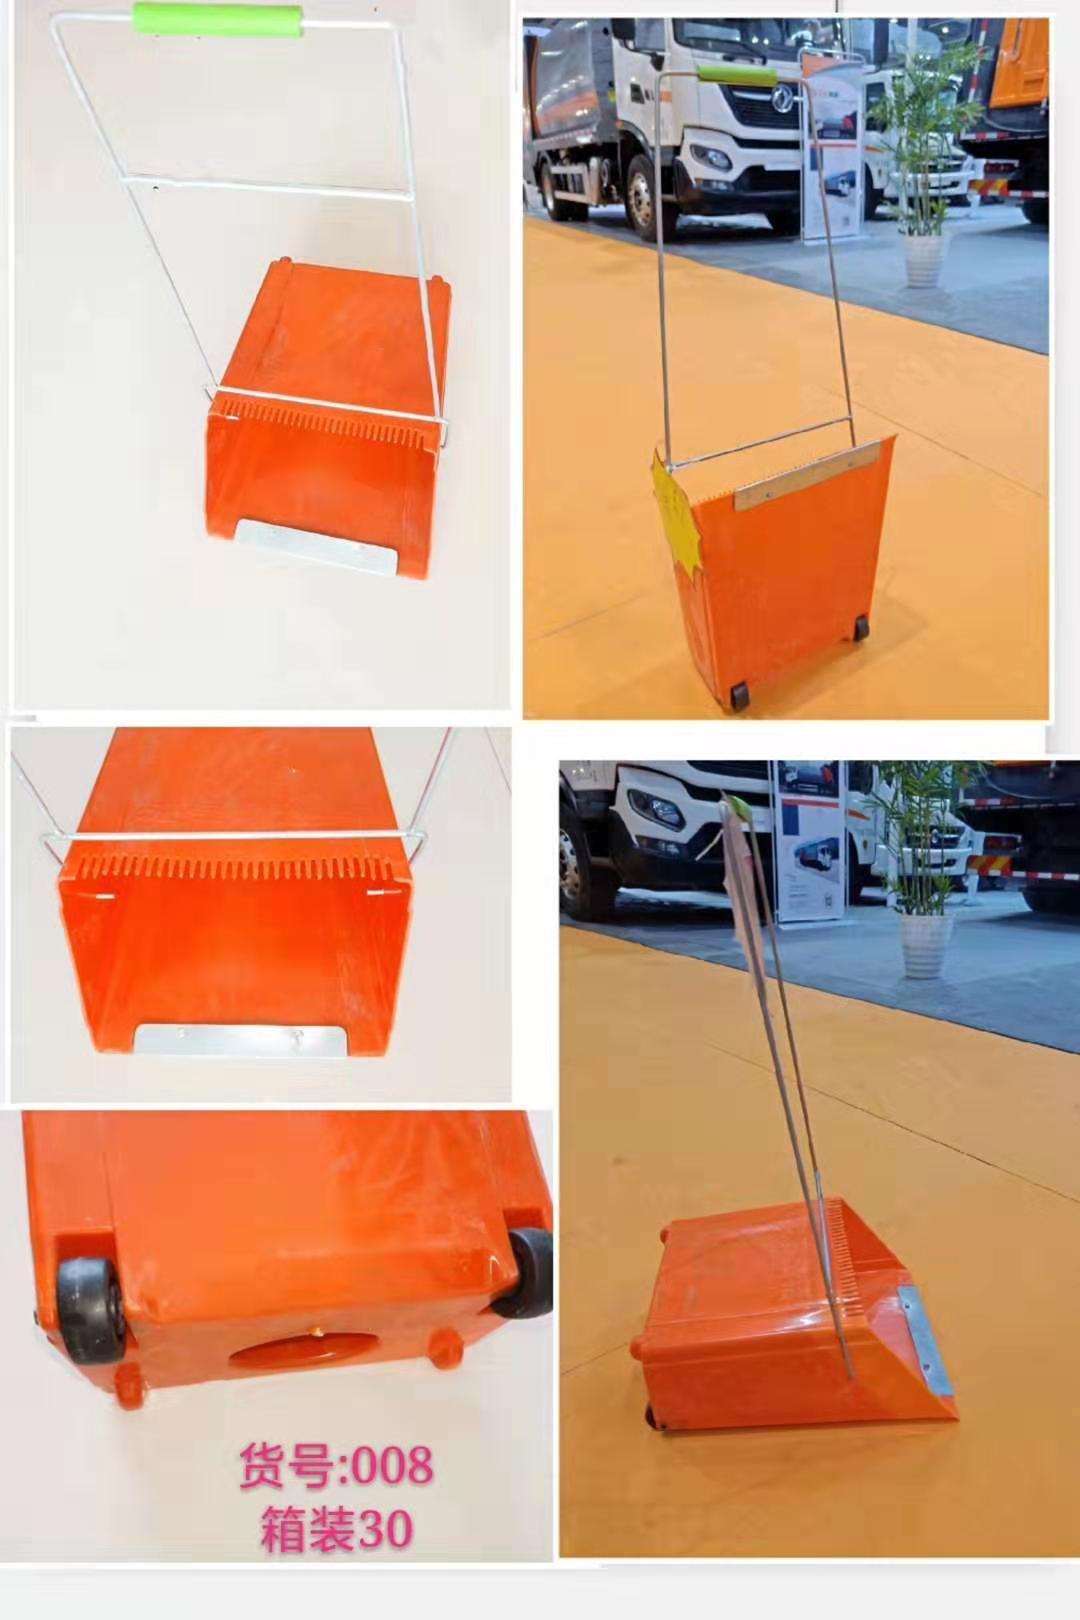 江西工厂环卫清洁工具生产基地,清洁工具